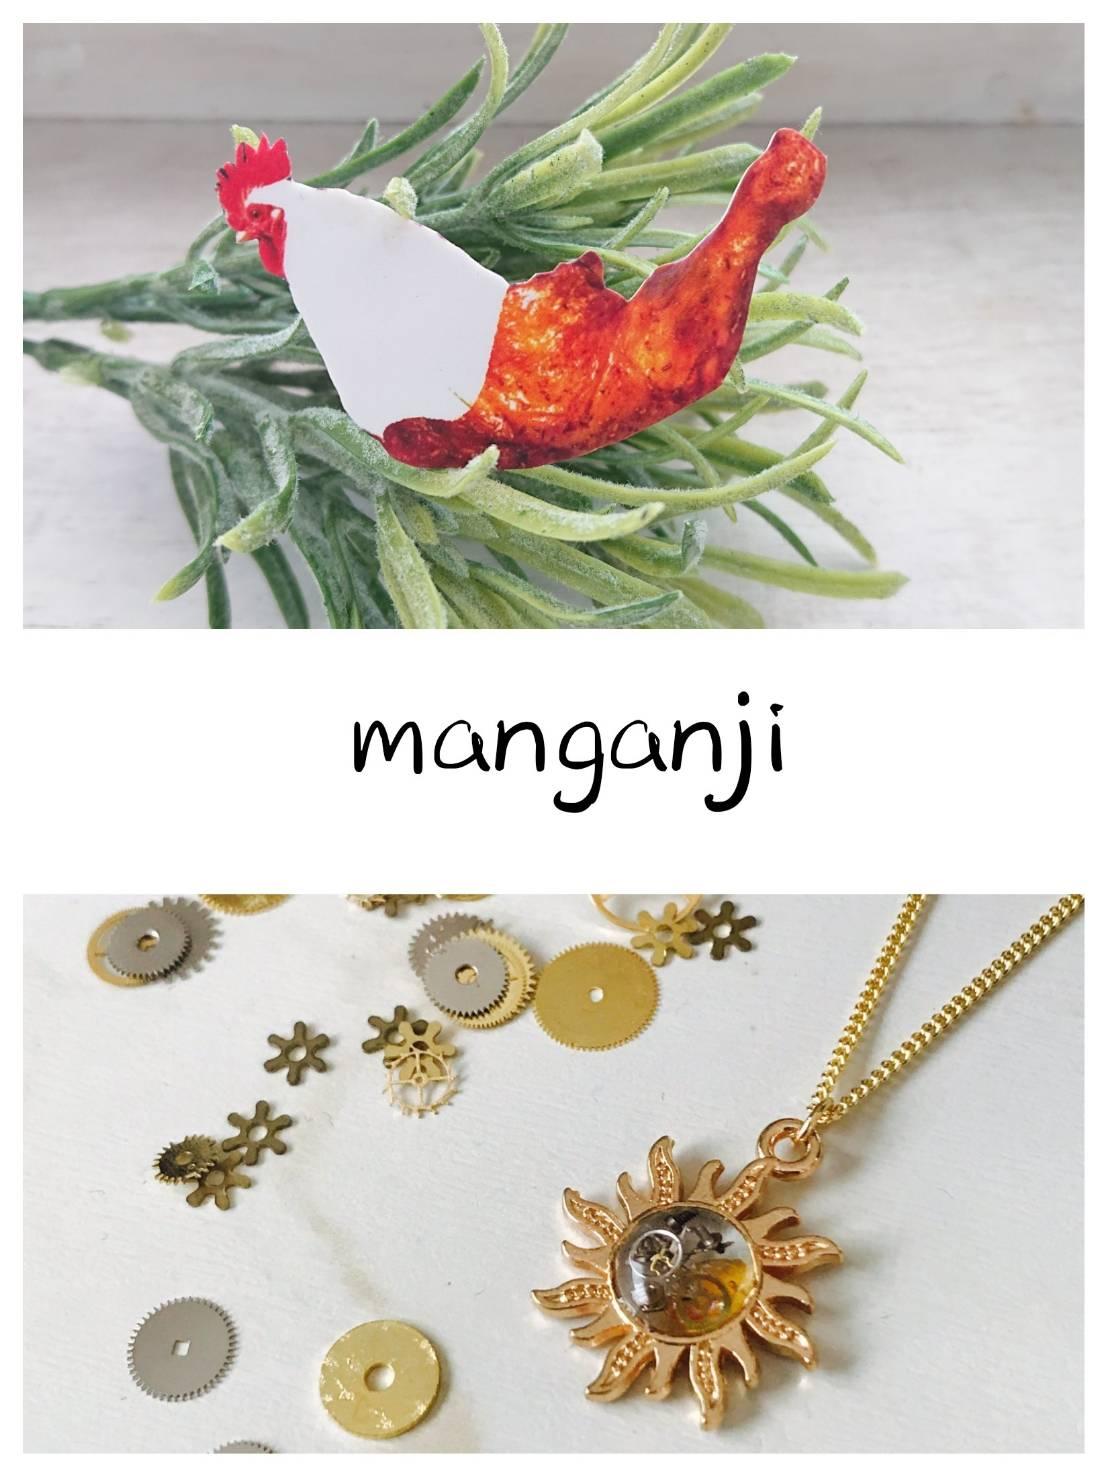 manganji